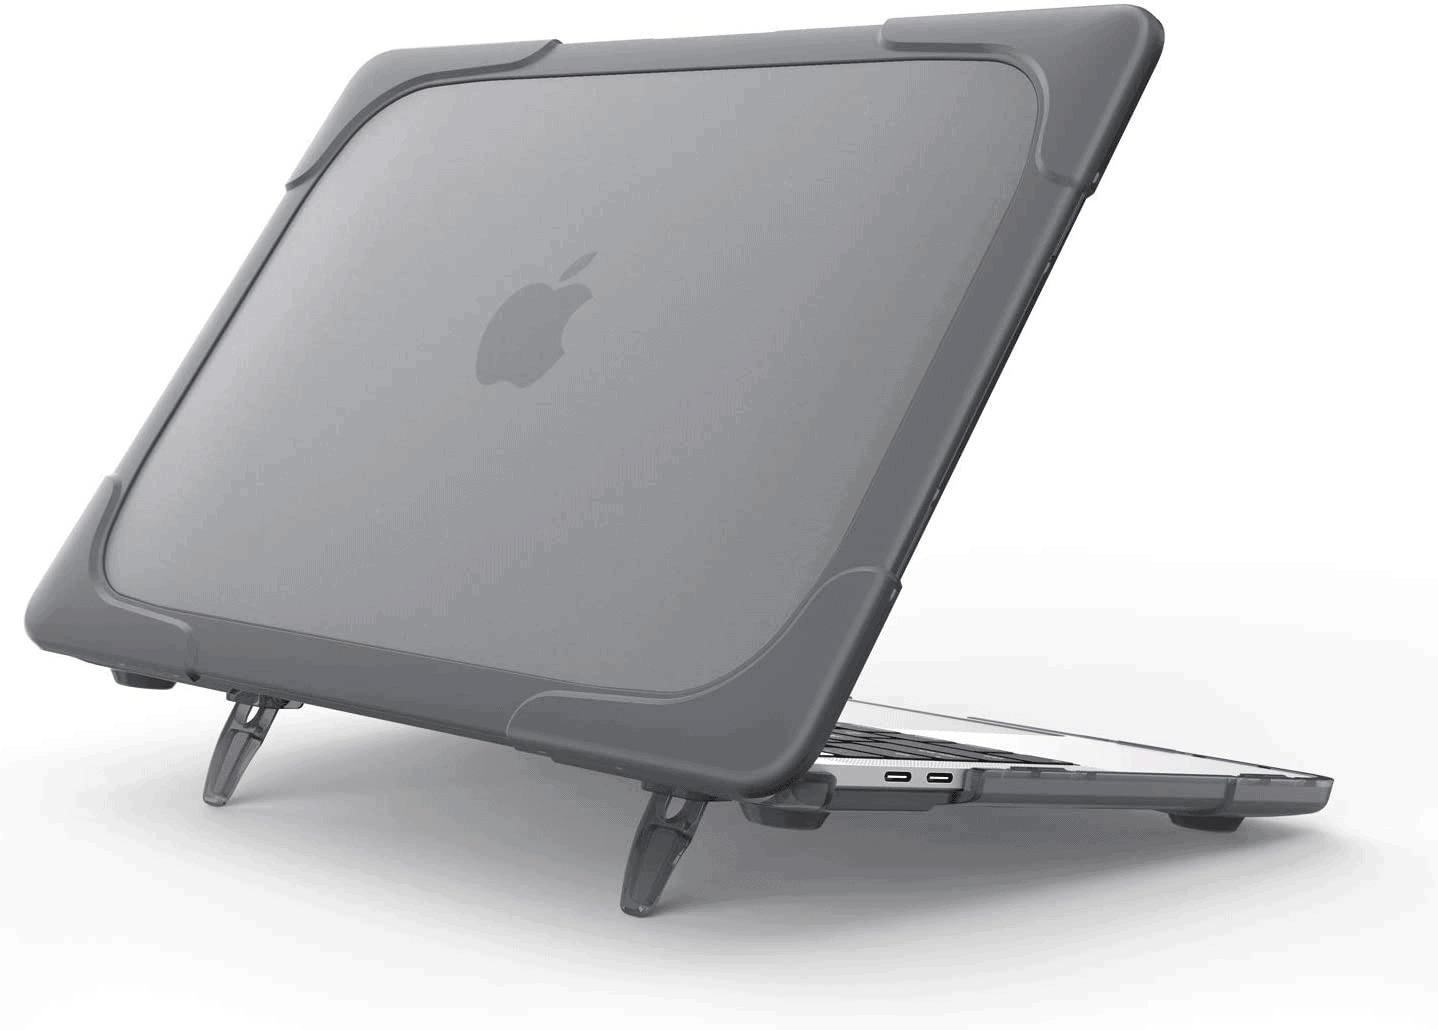 procase macbook air case